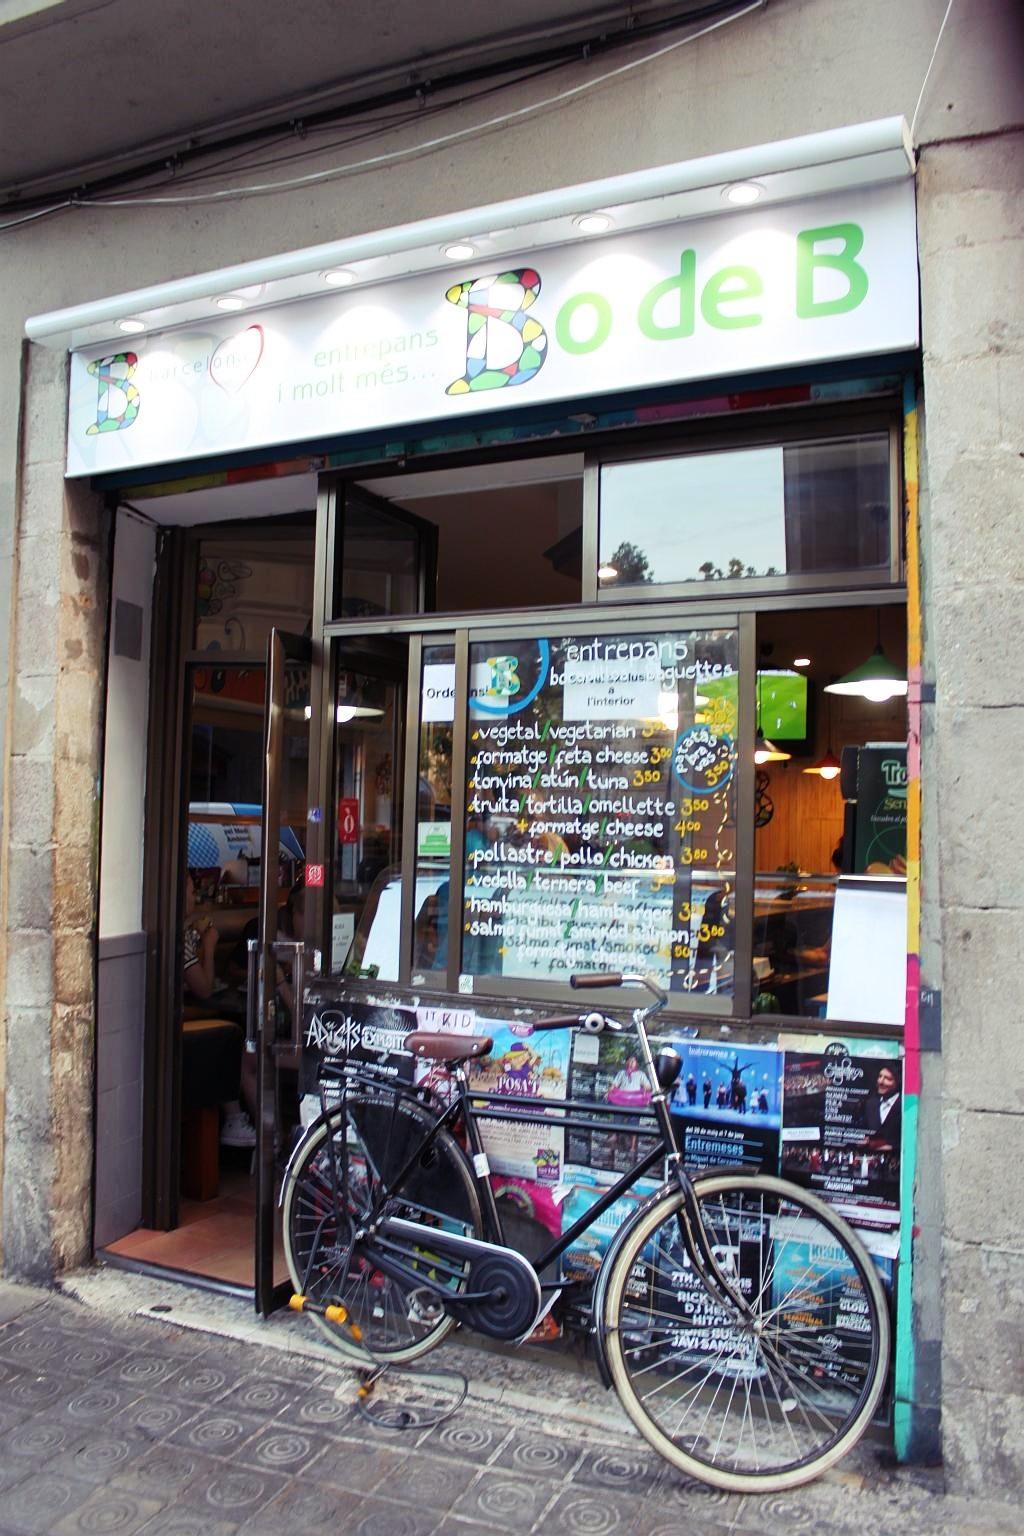 barcelona_bodeb